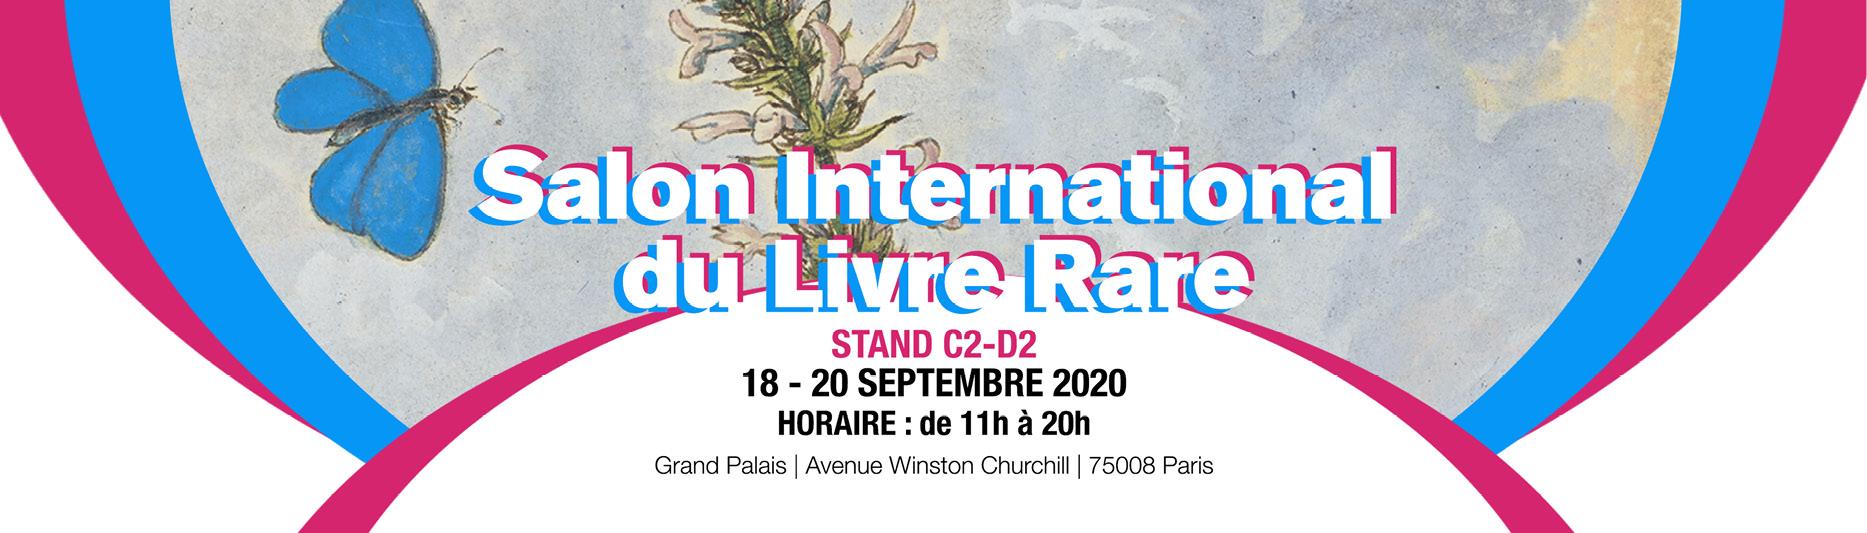 ?Salon International du Livre Rare, Stand C2-D2. 18-20 SEPTEMBRE 2020. Horaire de 11h à 20h. Grand Palais, Paris